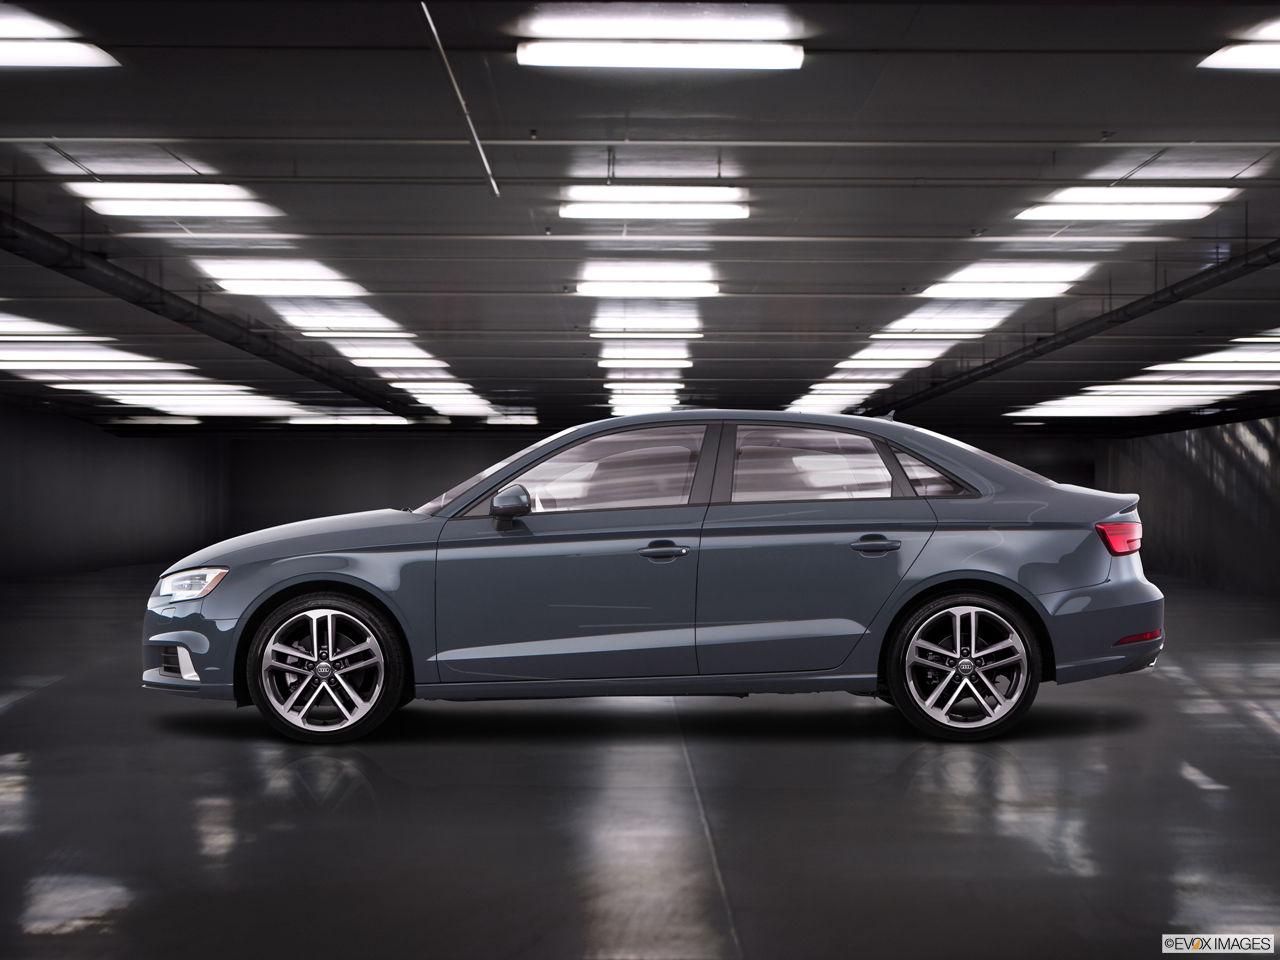 Kelebihan Audi A3 Sedan 2019 Perbandingan Harga